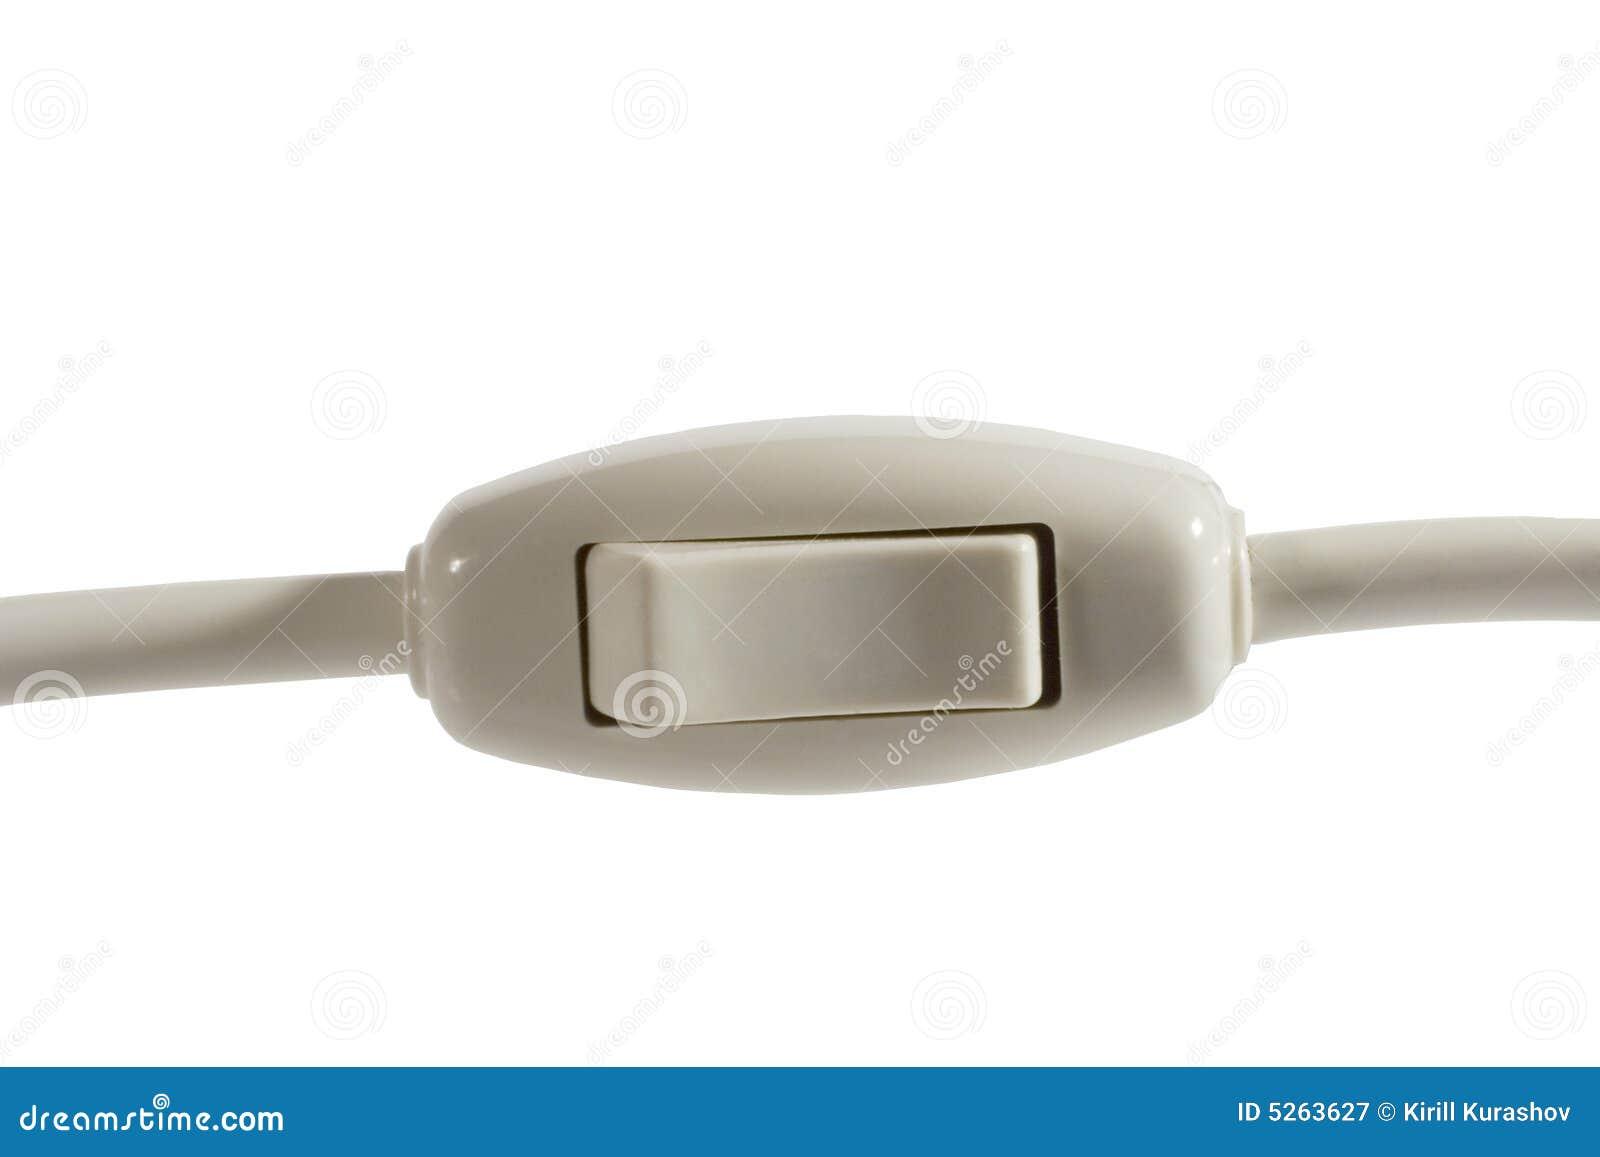 Ein/Aus-Schalter mit einem Netzkabel